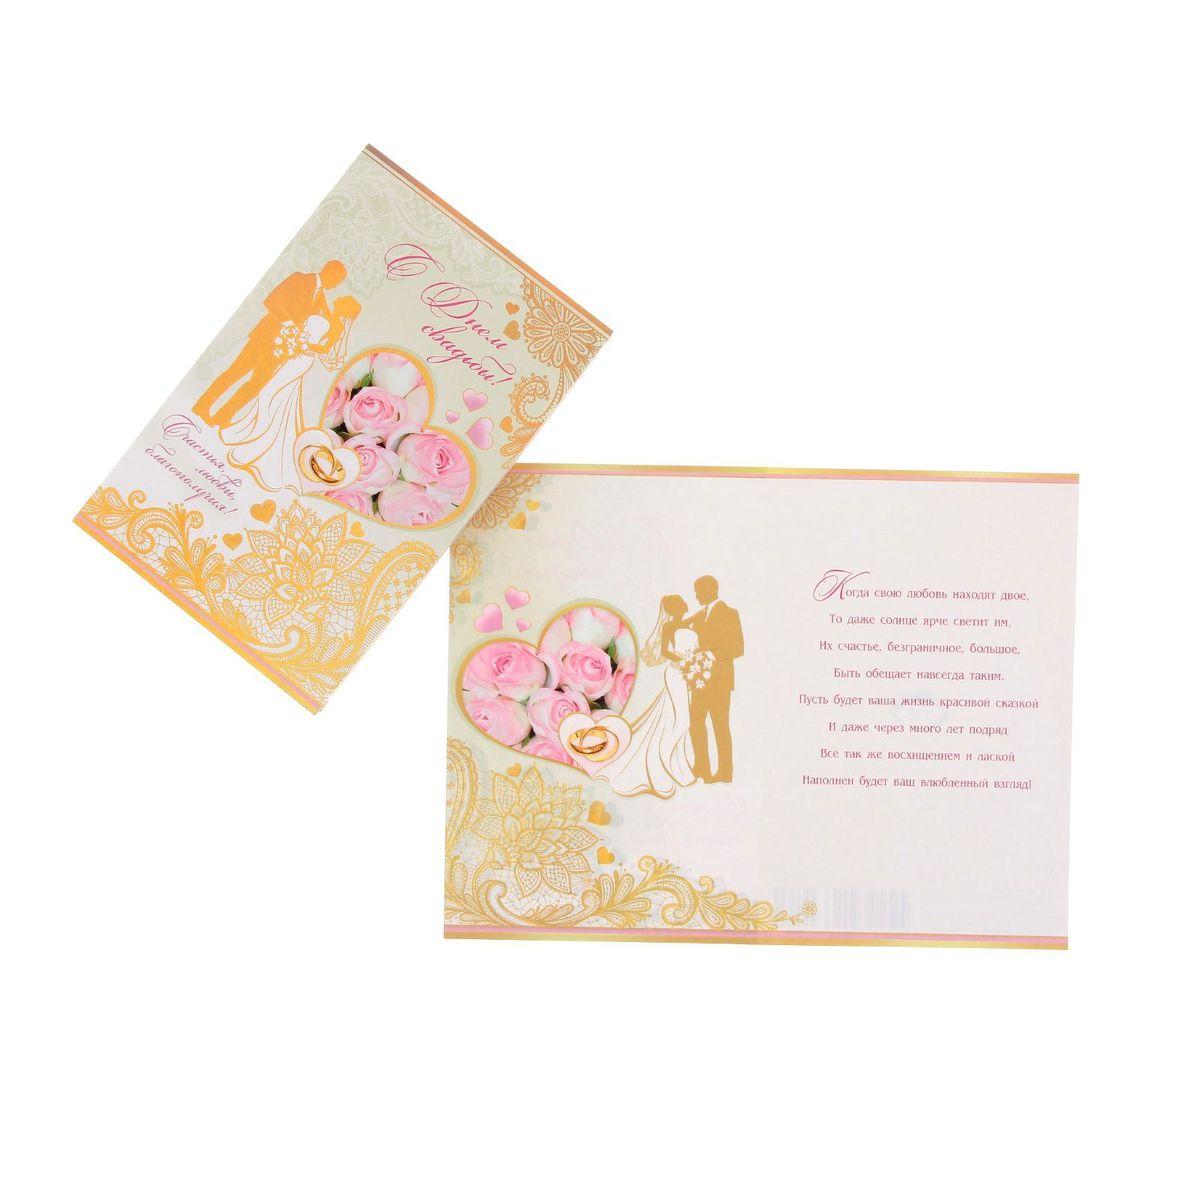 Открытка Мир открыток С Днем свадьбы! Розы1233335Если вы хотите порадовать себя или близких, создать праздничное настроение и с улыбкой провести памятный день, то вы, несомненно, сделали правильный выбор! Открытка Мир открыток С Днем свадьбы! Розы, выполненная из картона, отличается не только оригинальным дизайном, но и высоким качеством.Лицевая сторона изделия оформлена красивым изображением роз и молодоженов, а также дополнена изящным тисненым узором. Внутри открытка содержит текст с поздравлением.Такая открытка непременно порадует получателя и станет отличным напоминанием о проведенном вместе времени.